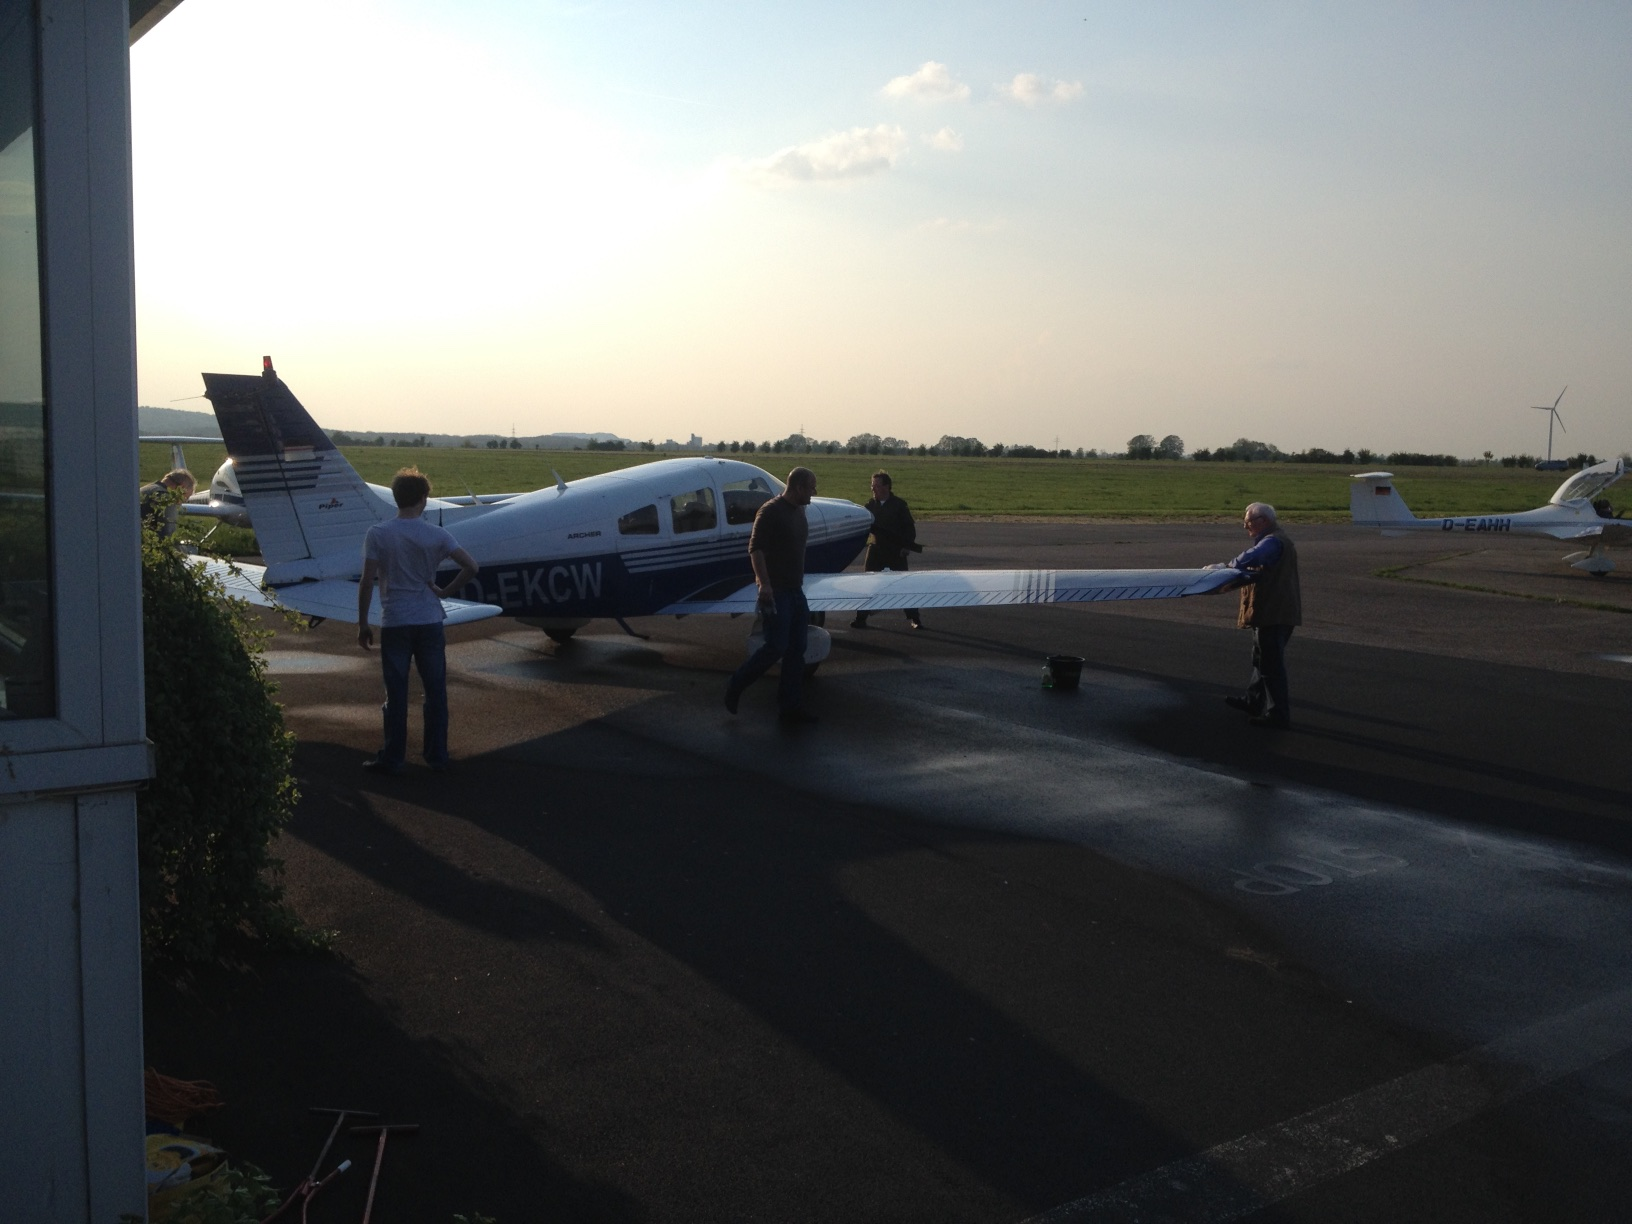 Pilotenausbildung im Verein